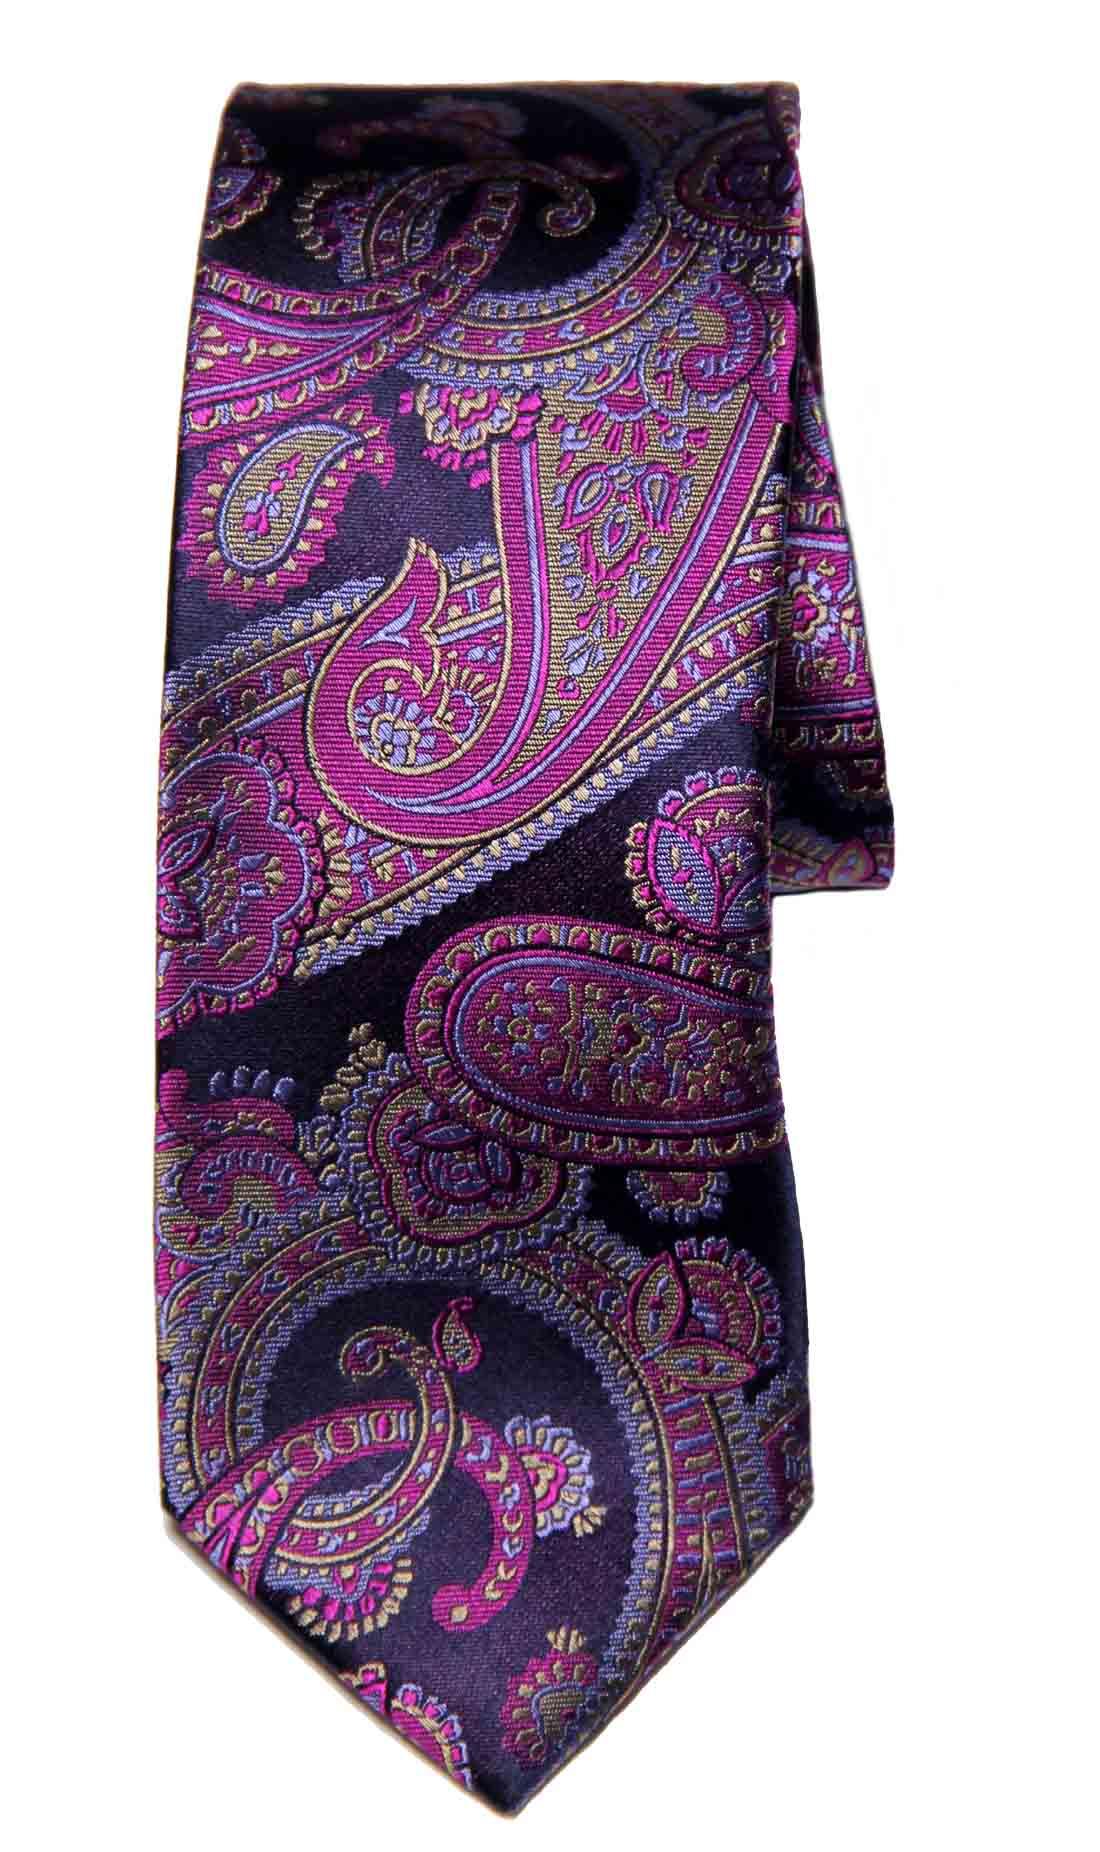 Men's Ted Baker Purple Paisley Tie Silk Men's